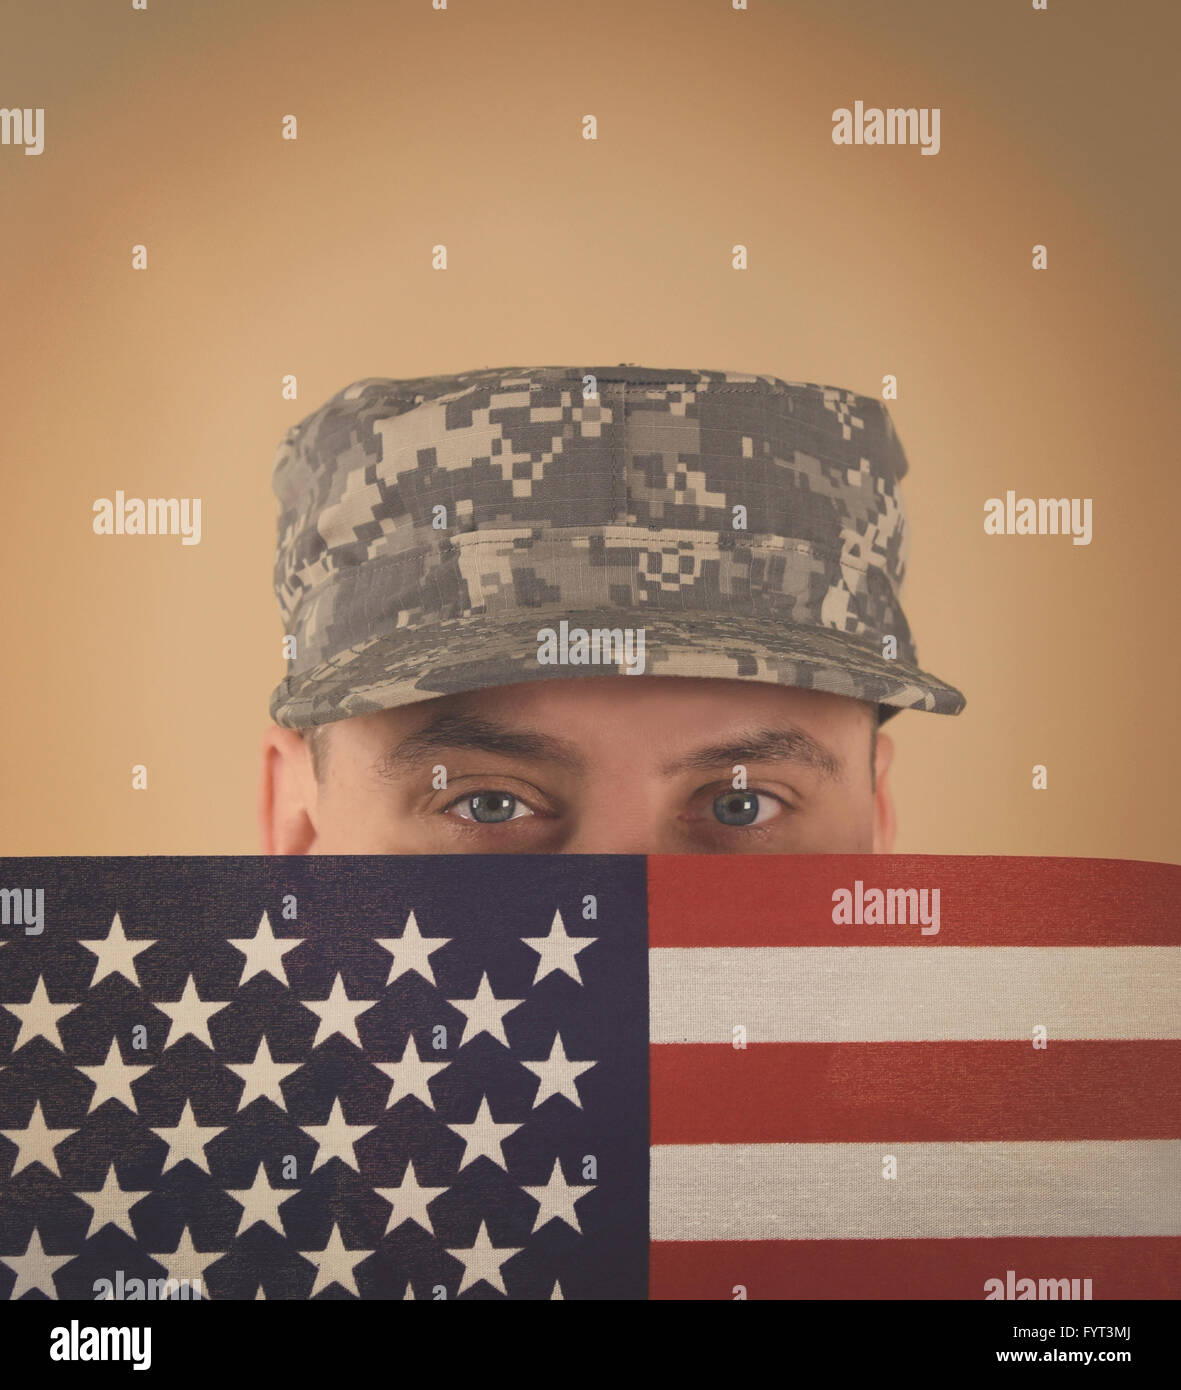 Militär Armee Soldat hält eine amerikanische Flagge bis zu seinem Gesicht mit einer einheitlichen auf Stockbild